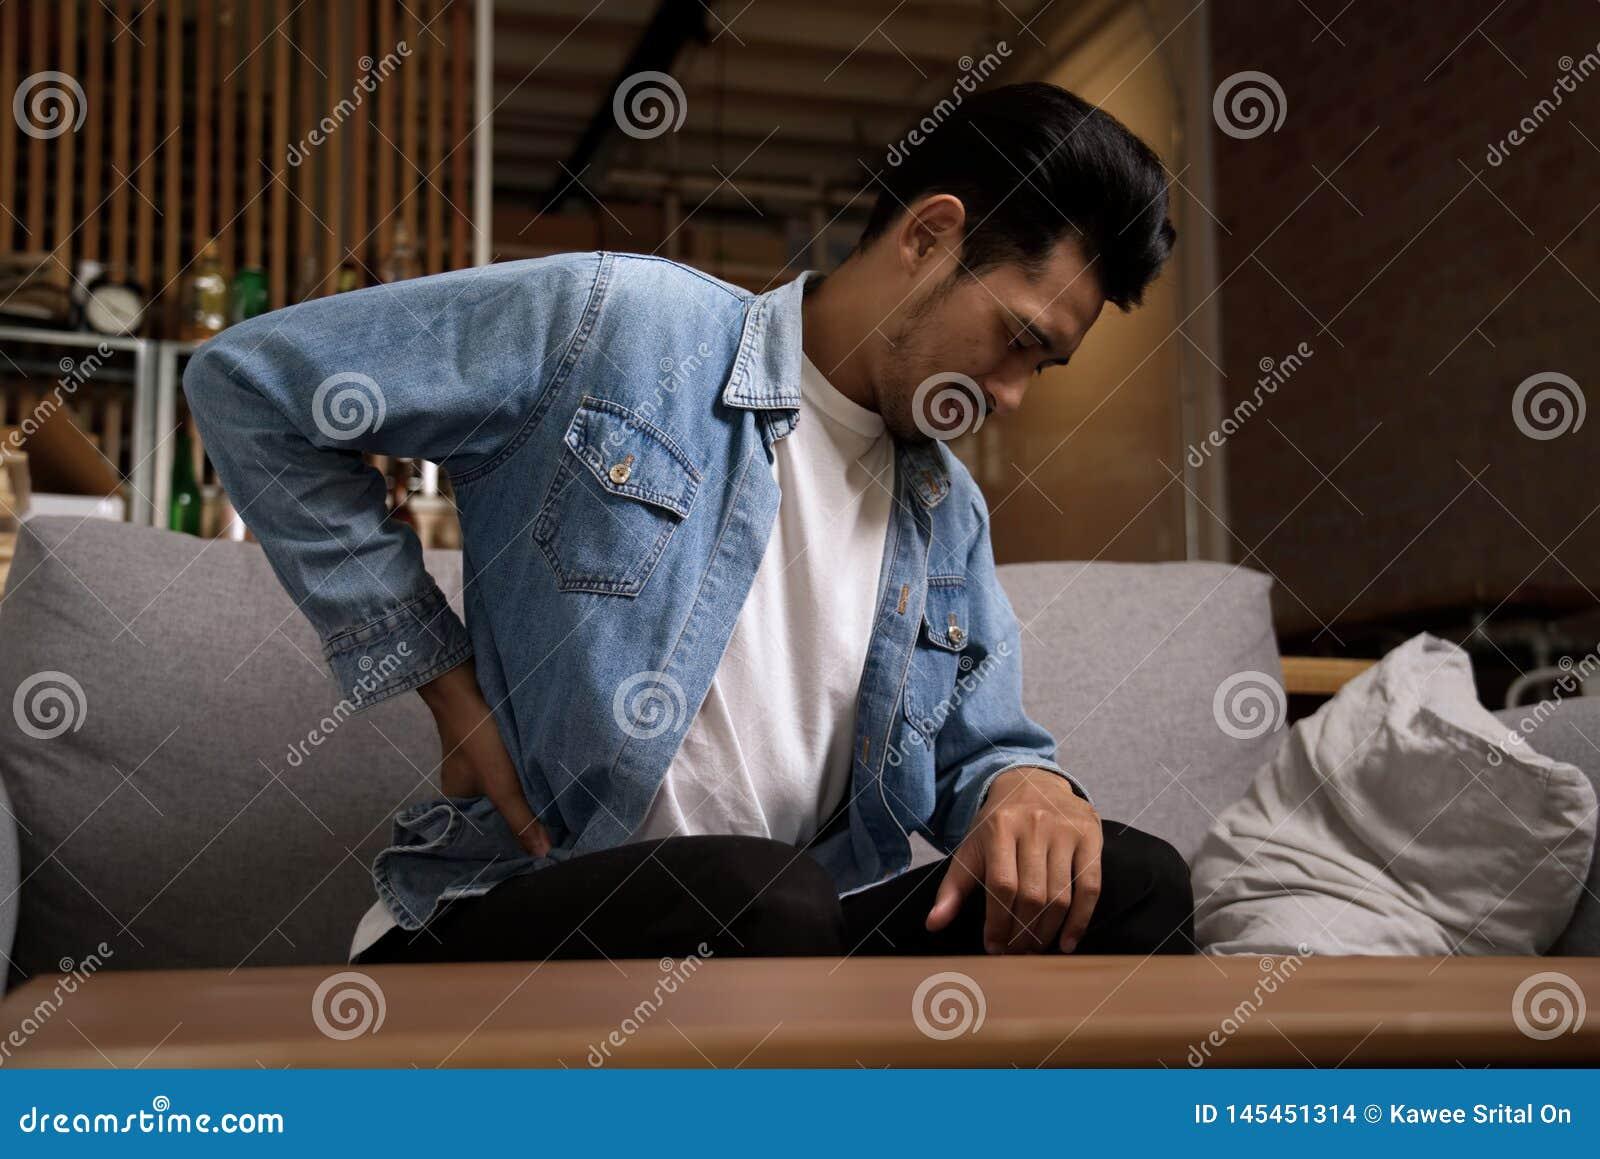 Asiatischer Mann, der auf dem Sofa hat Rückenschmerzen und zurück hält seins zu Hause sitzt